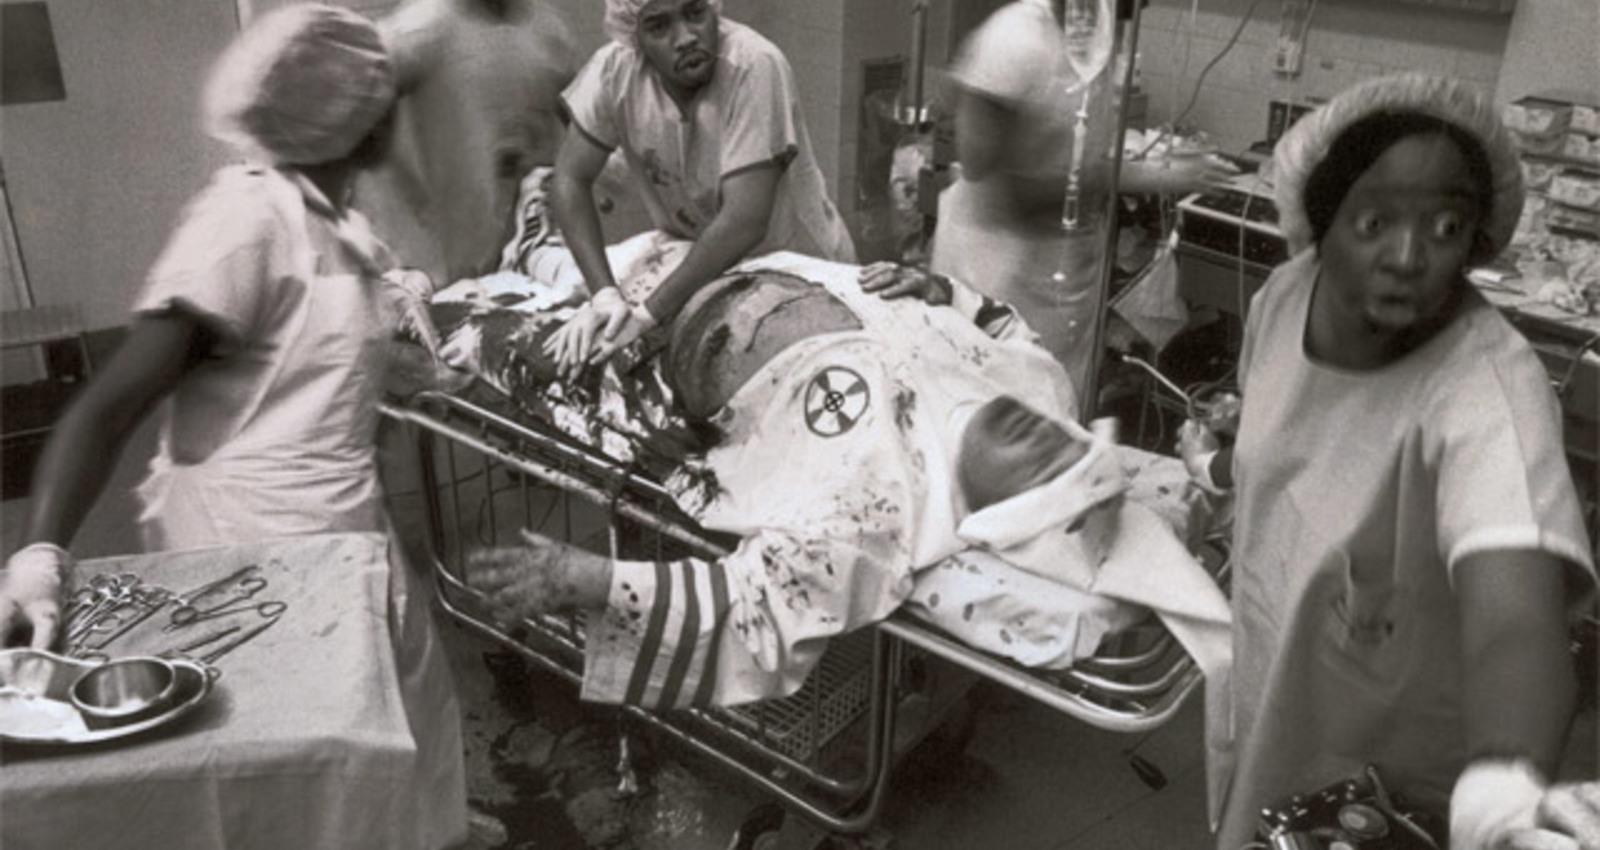 Tramp, Arab/Jew, KKK, Burnt